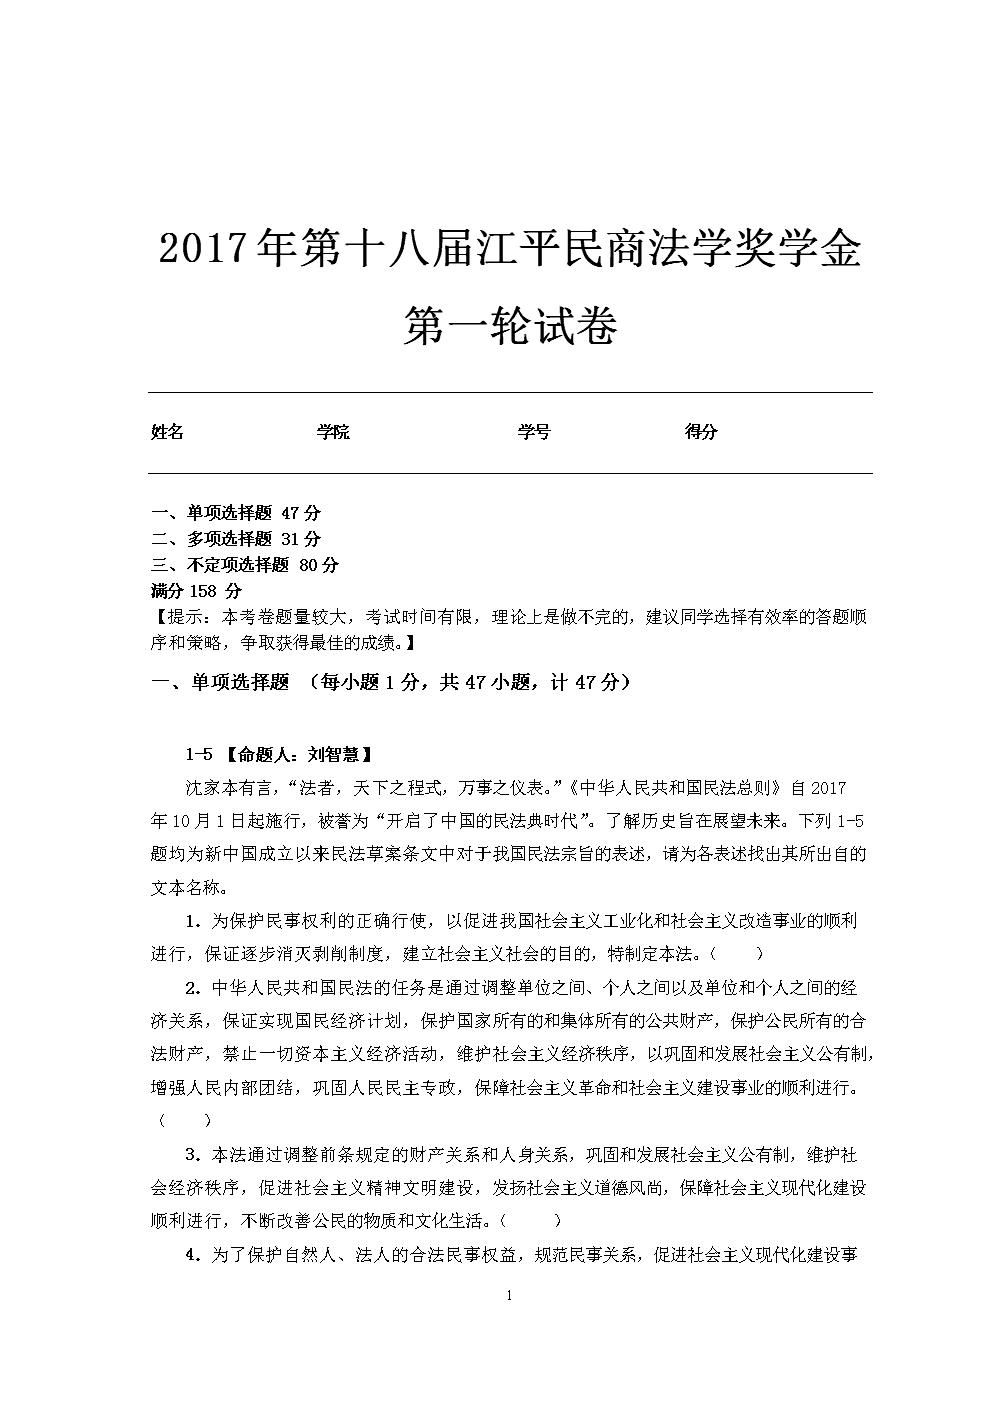 2017年(第十八届)江平民商法学奖学金试题及答案.doc